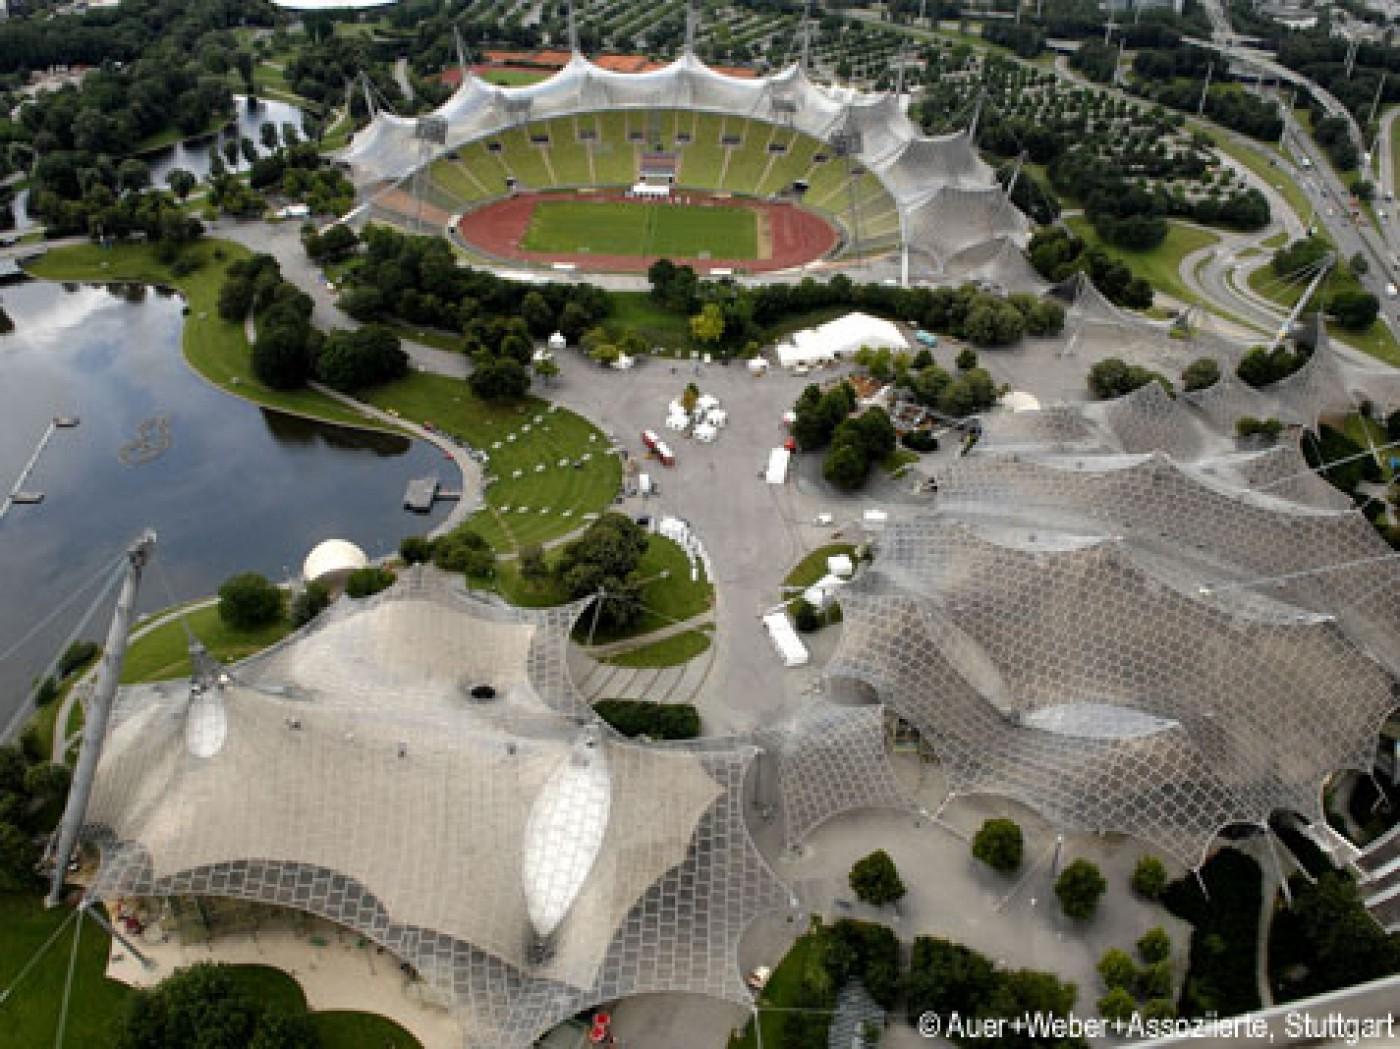 Sport_Erweiterung Olympiahalle_ohm_bild_Copyright Auer Weber Assozierte_02